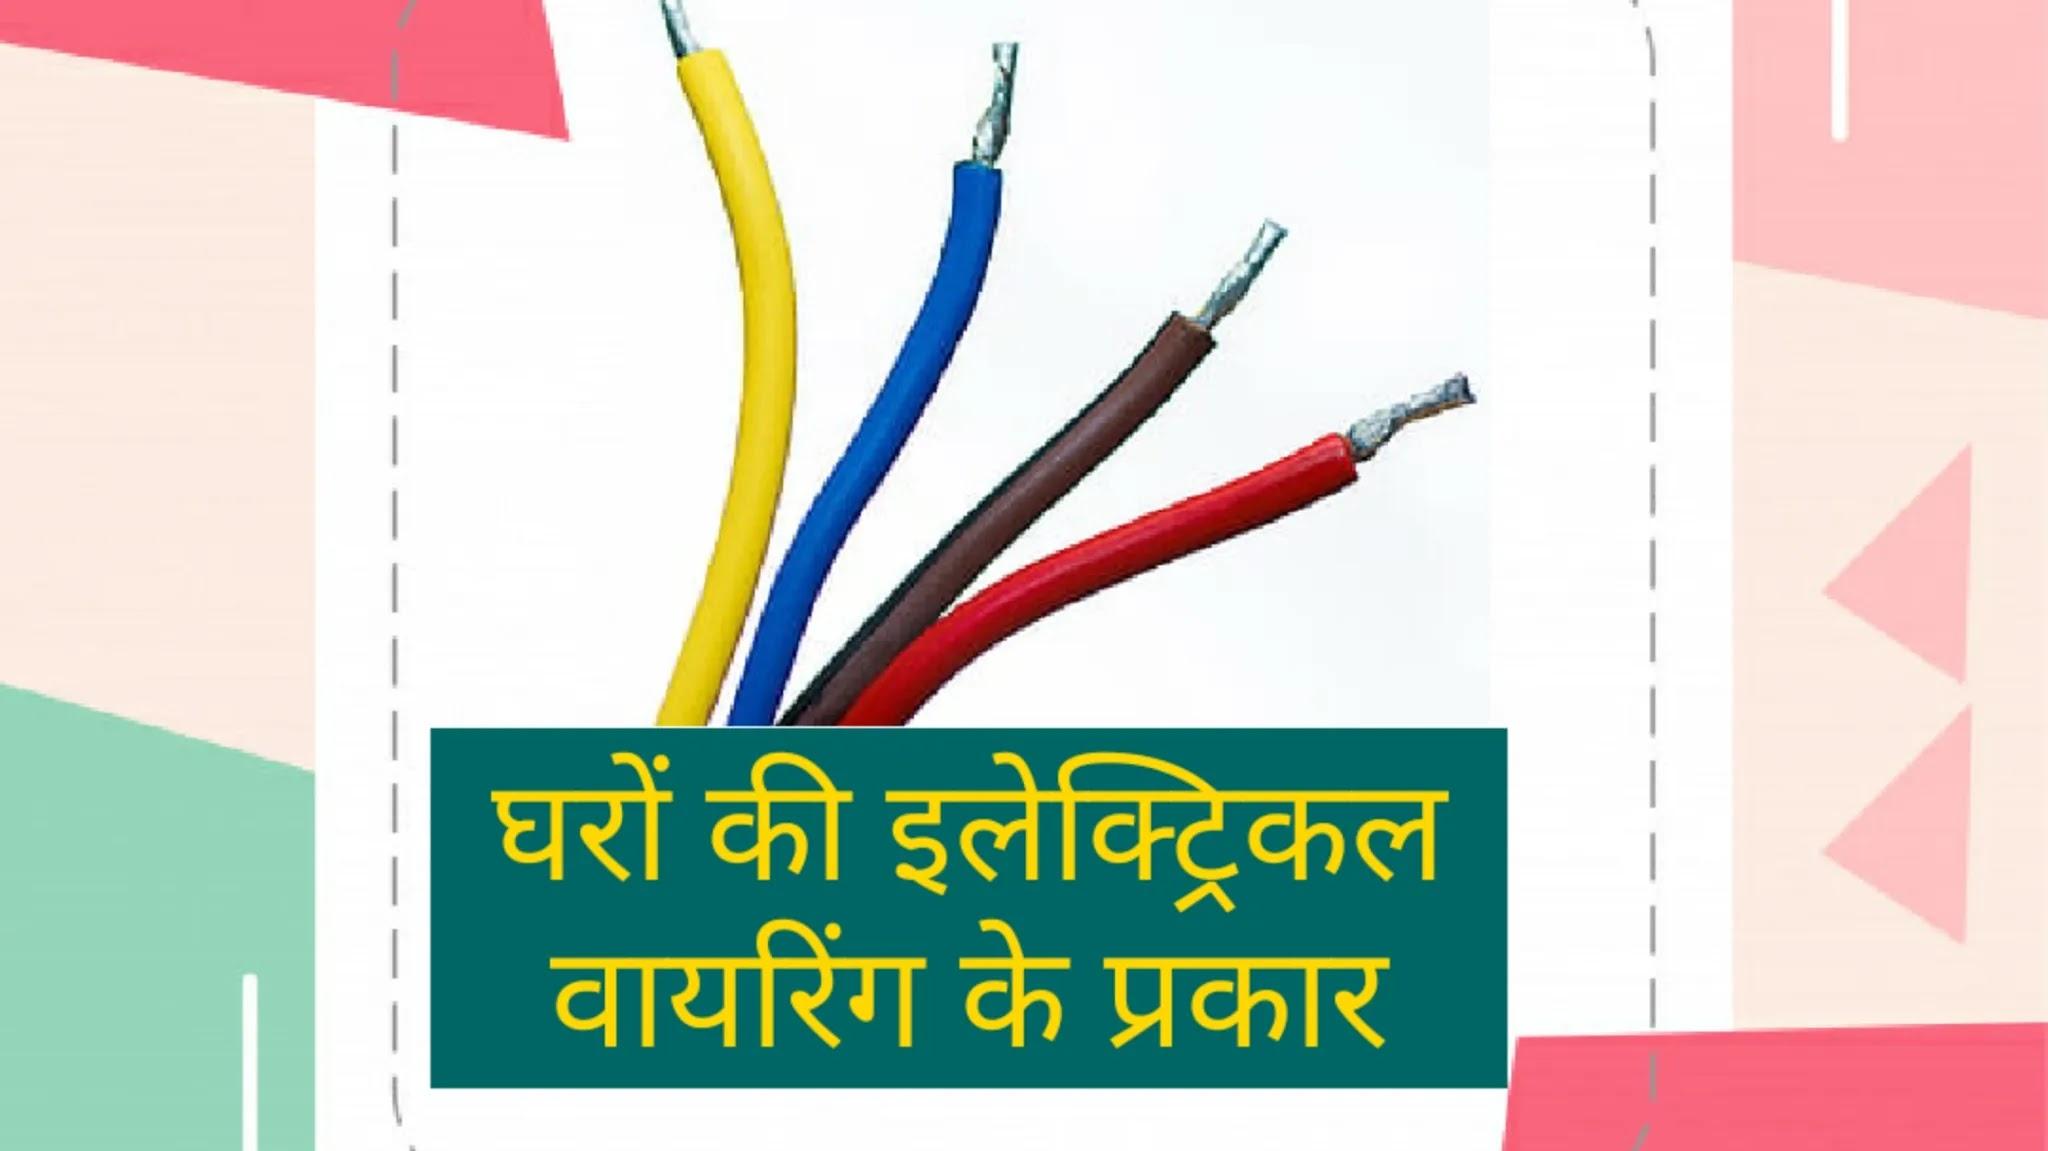 घरों की इलेक्ट्रिकल वायरिंग के प्रकार, Types of Domestic Wiring in Hindi